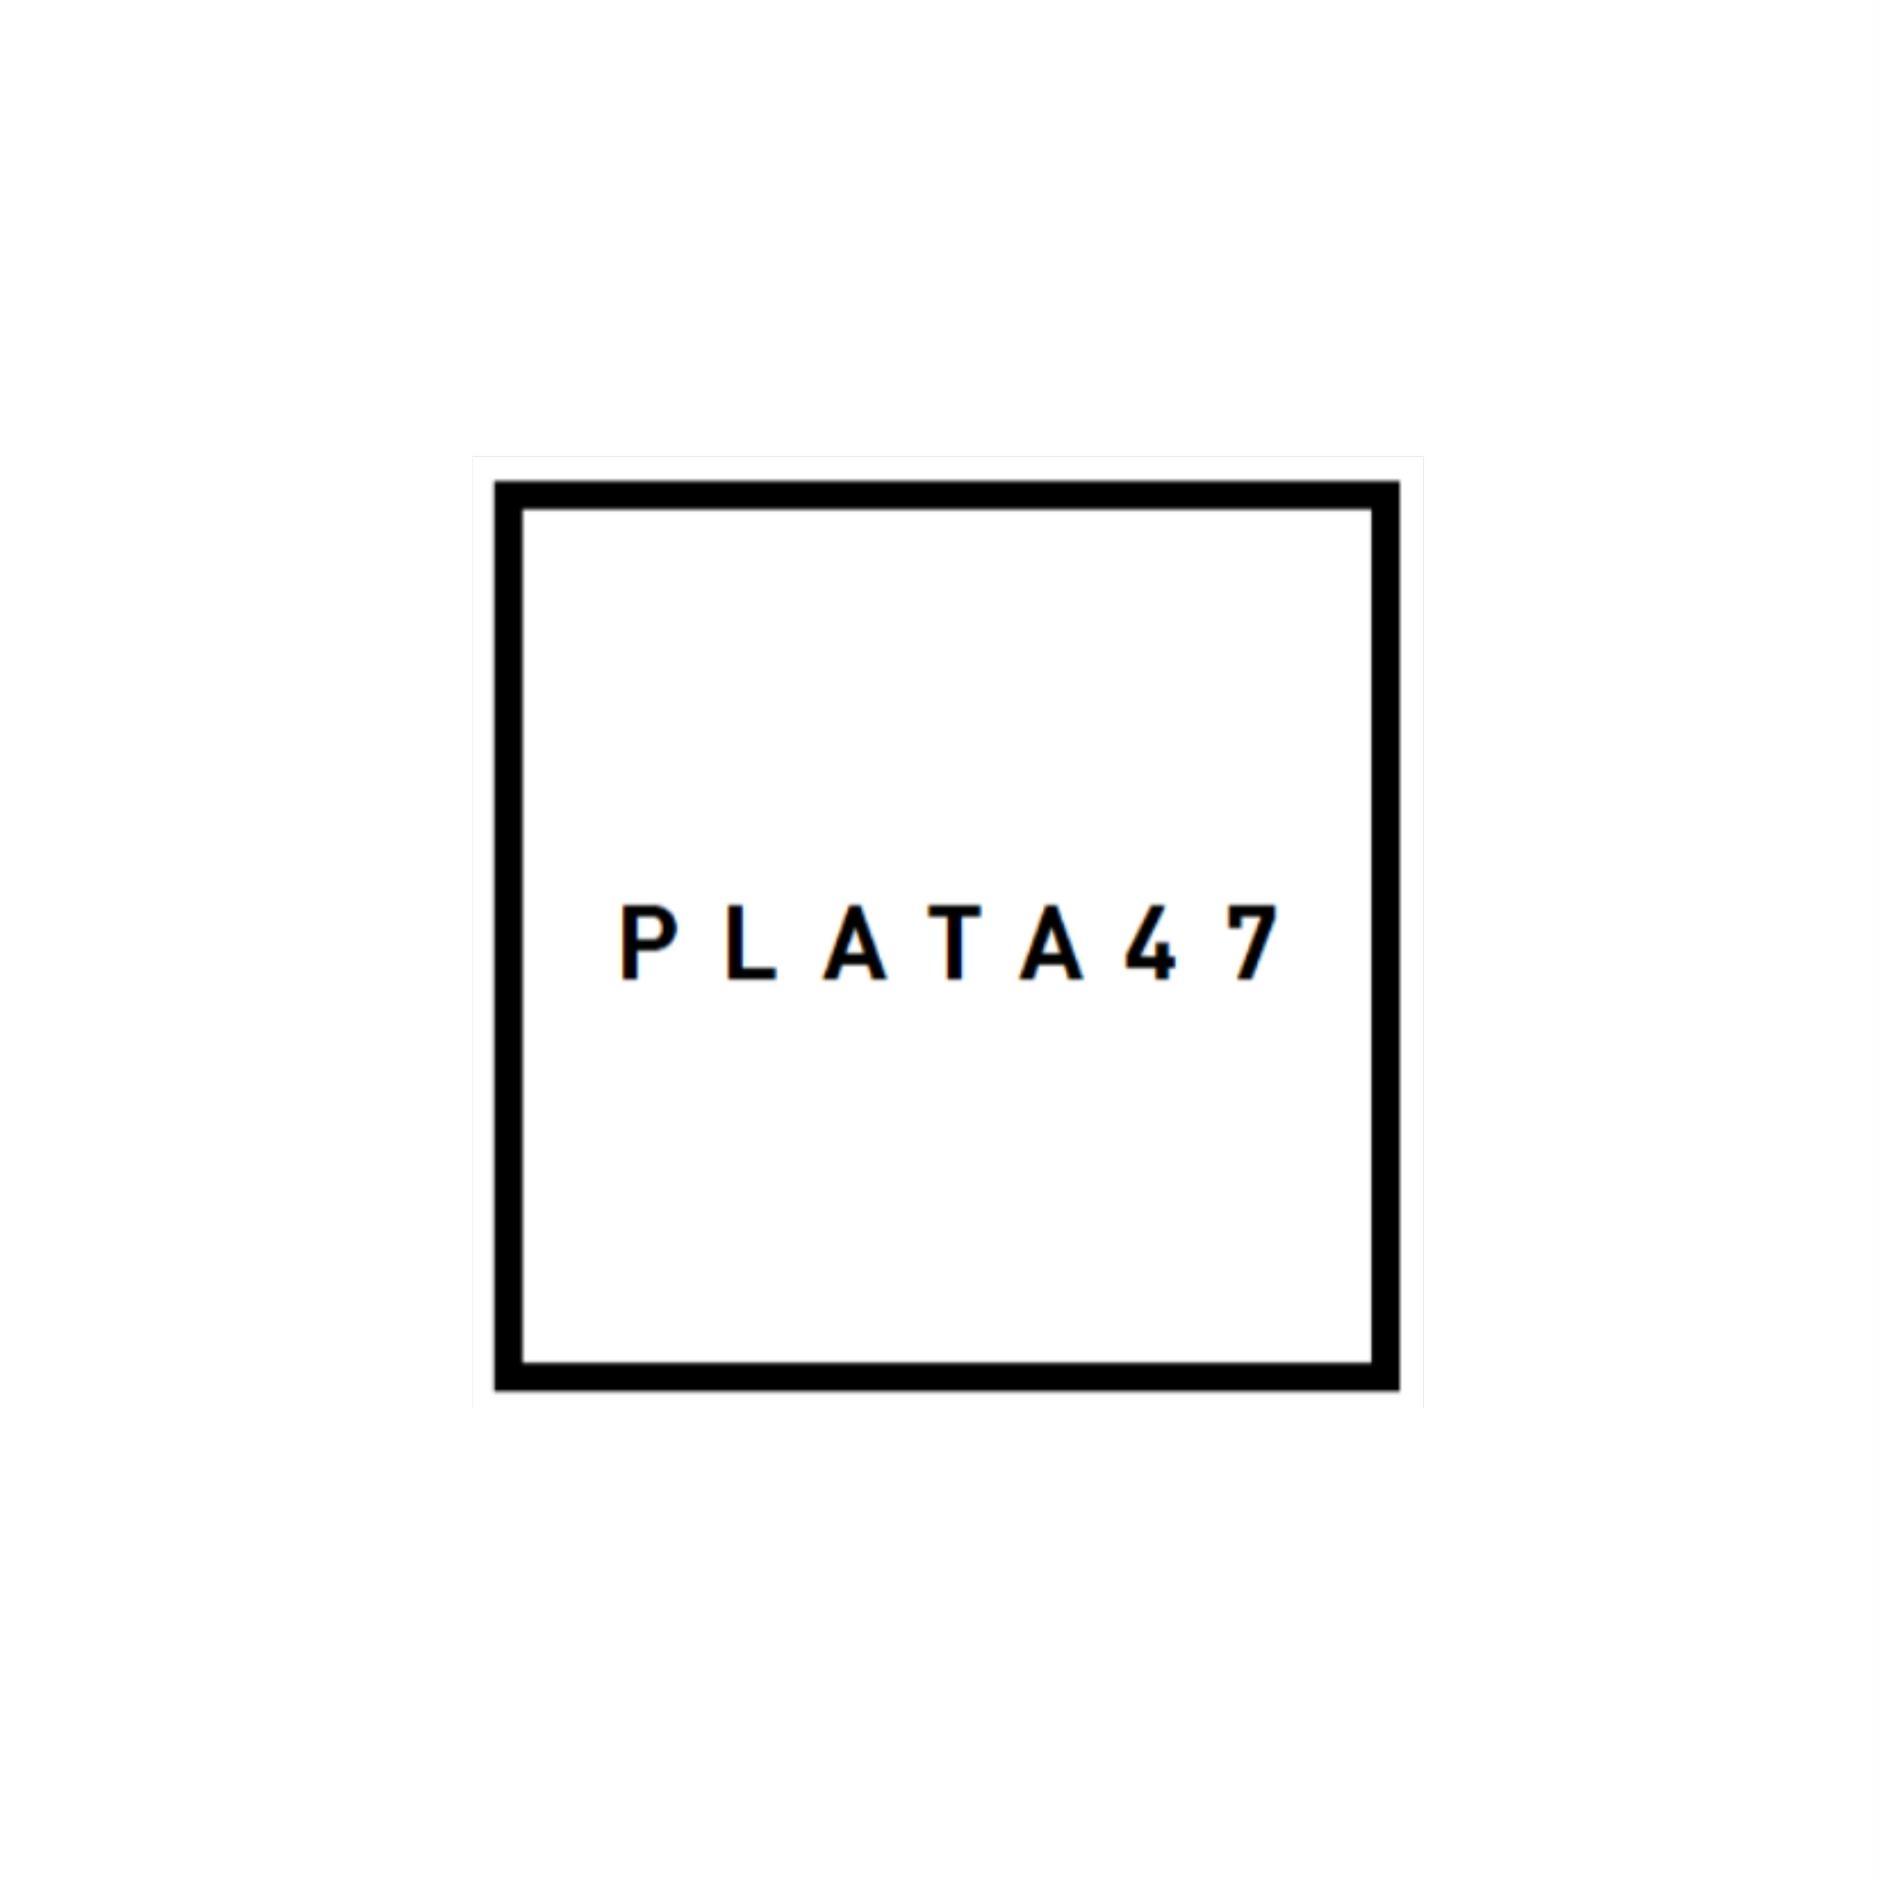 PLATA47